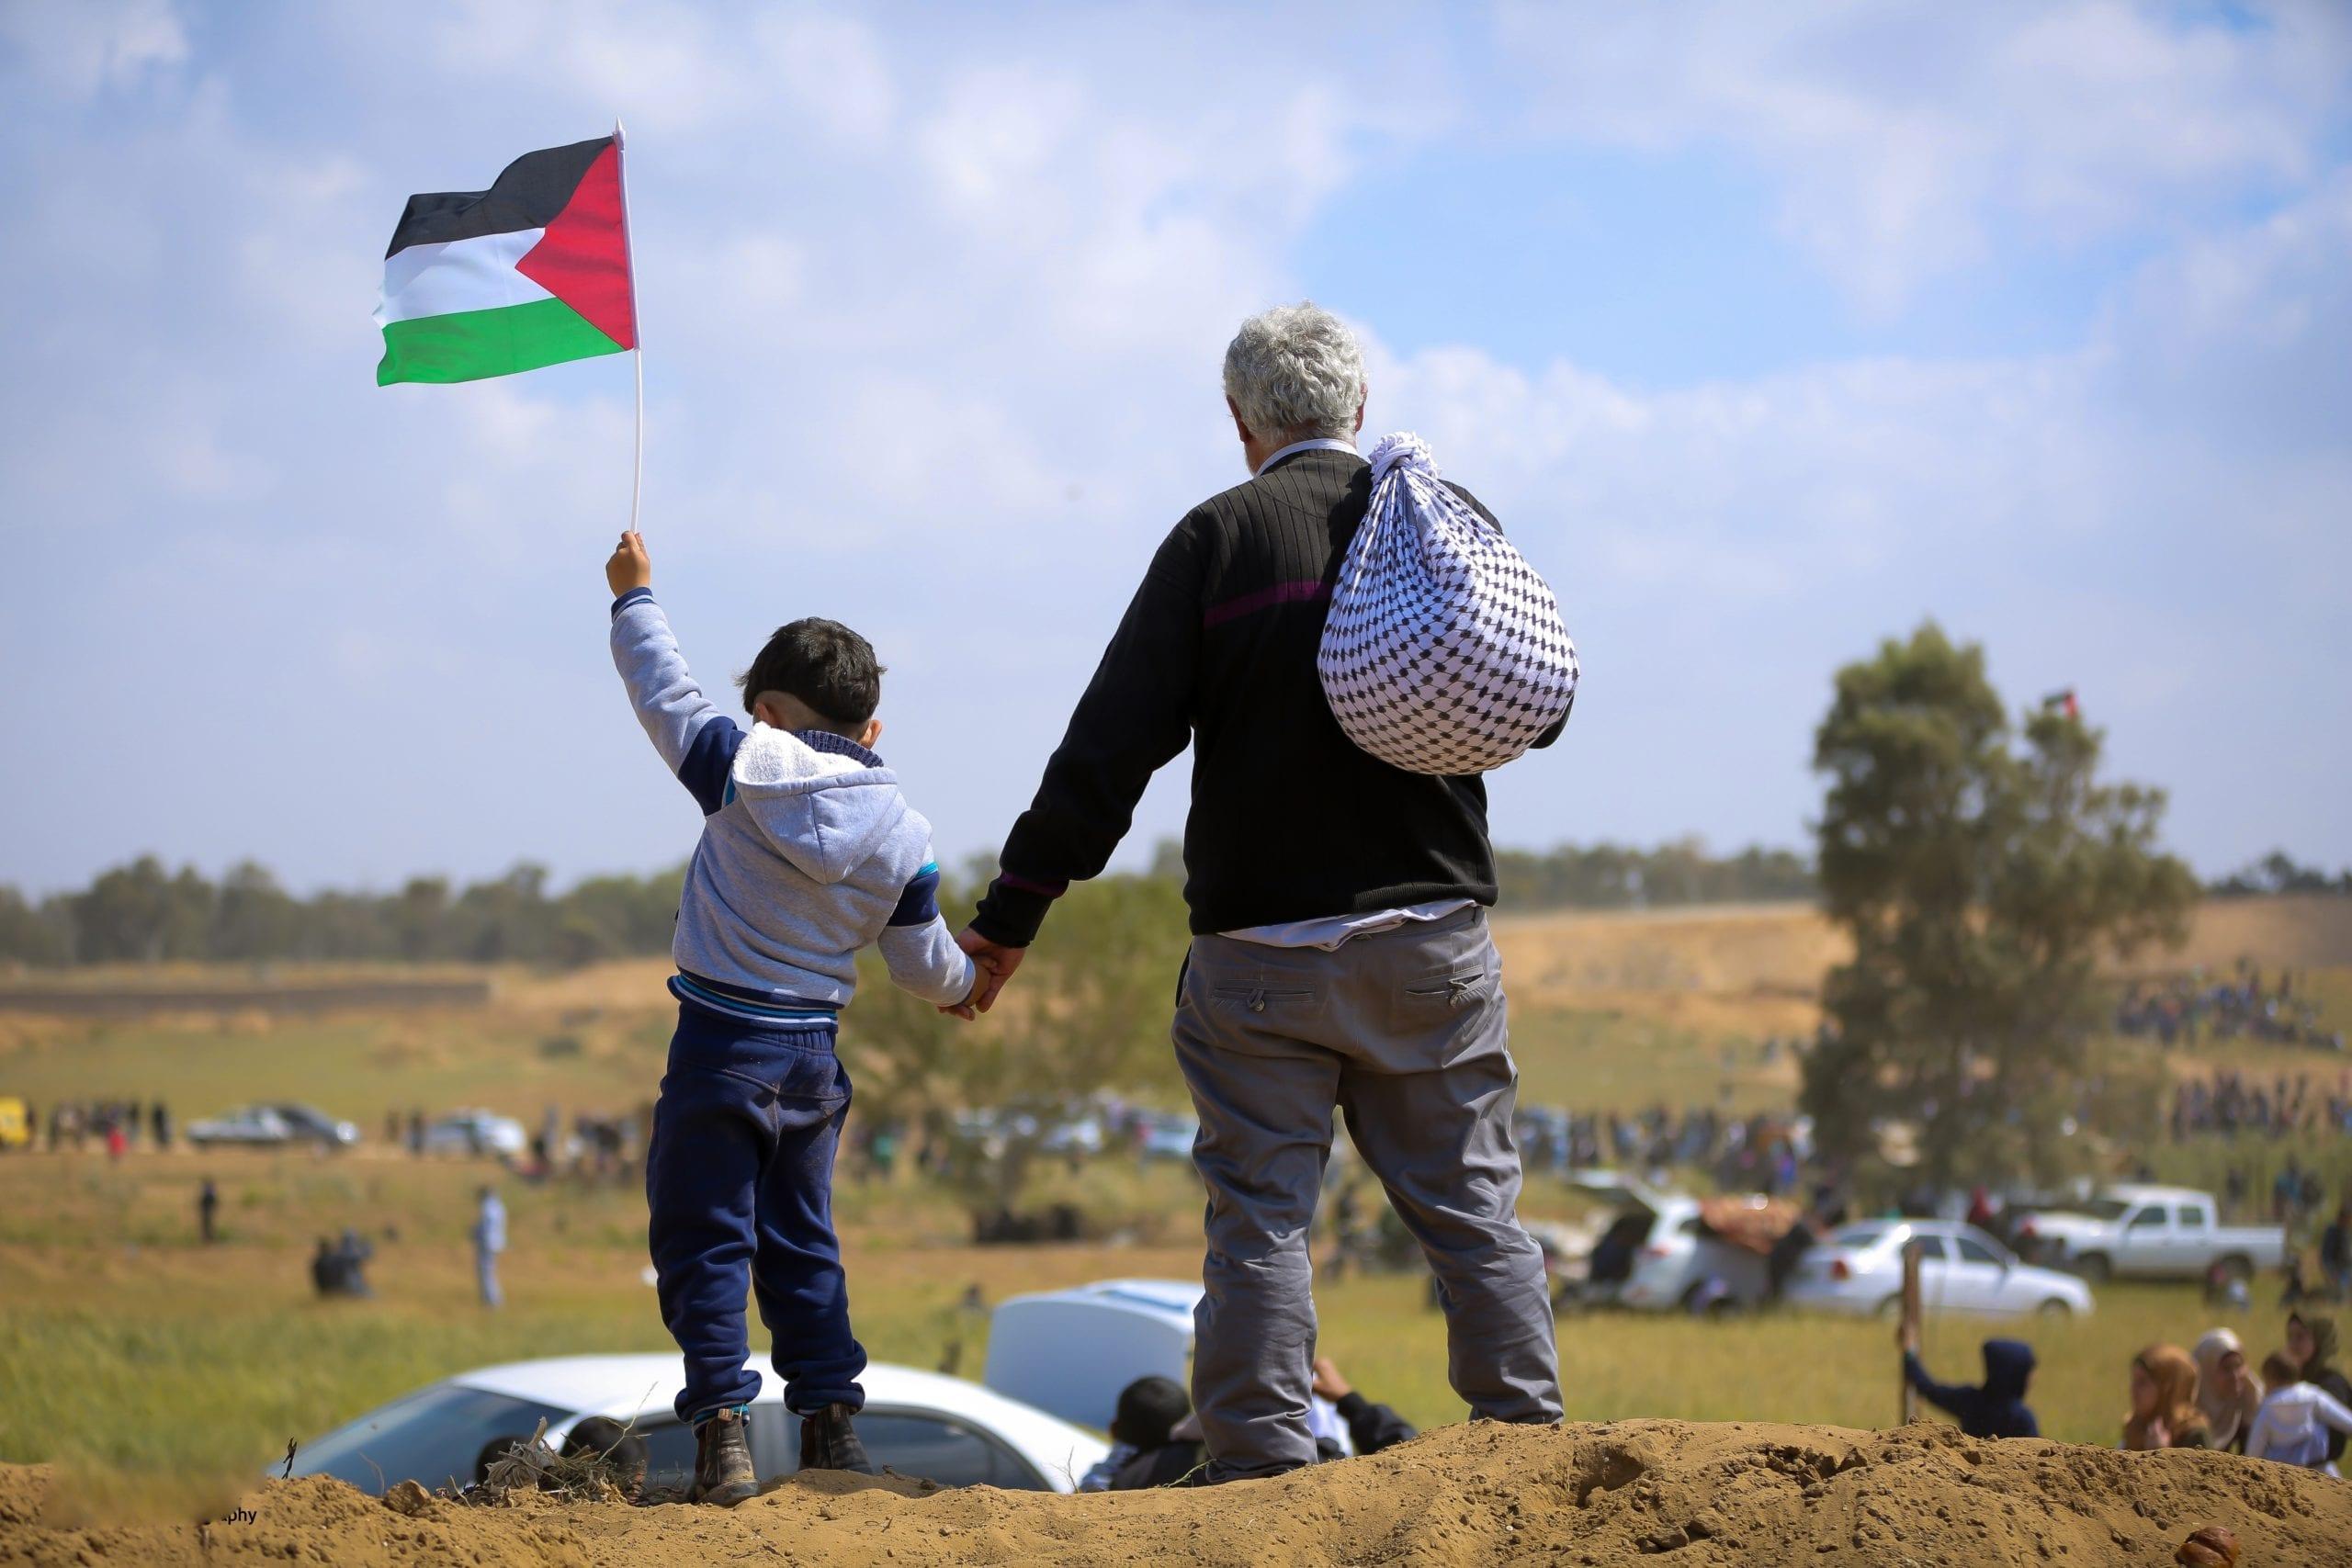 PD ascoltaci: ai palestinesi dev'essere riconosciuto il diritto di esistere e vivere